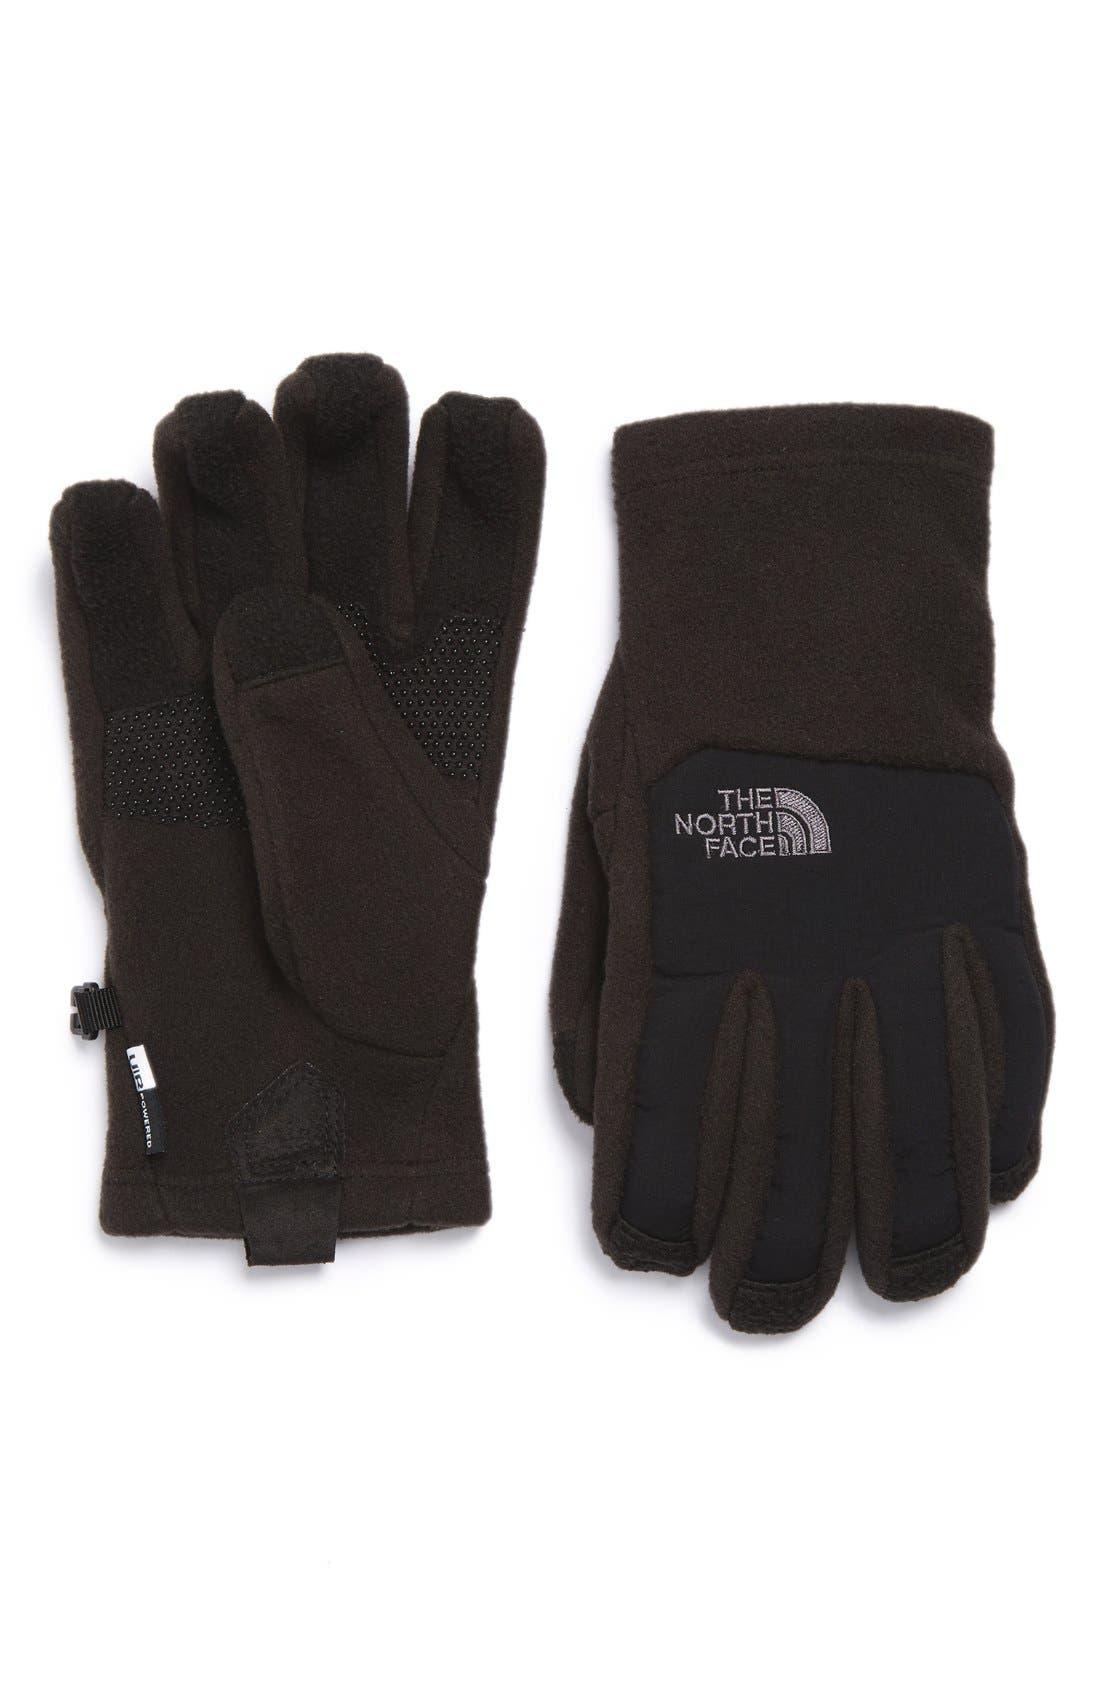 The North Face Denali E-Tip Fleece Tech Gloves (Boys)